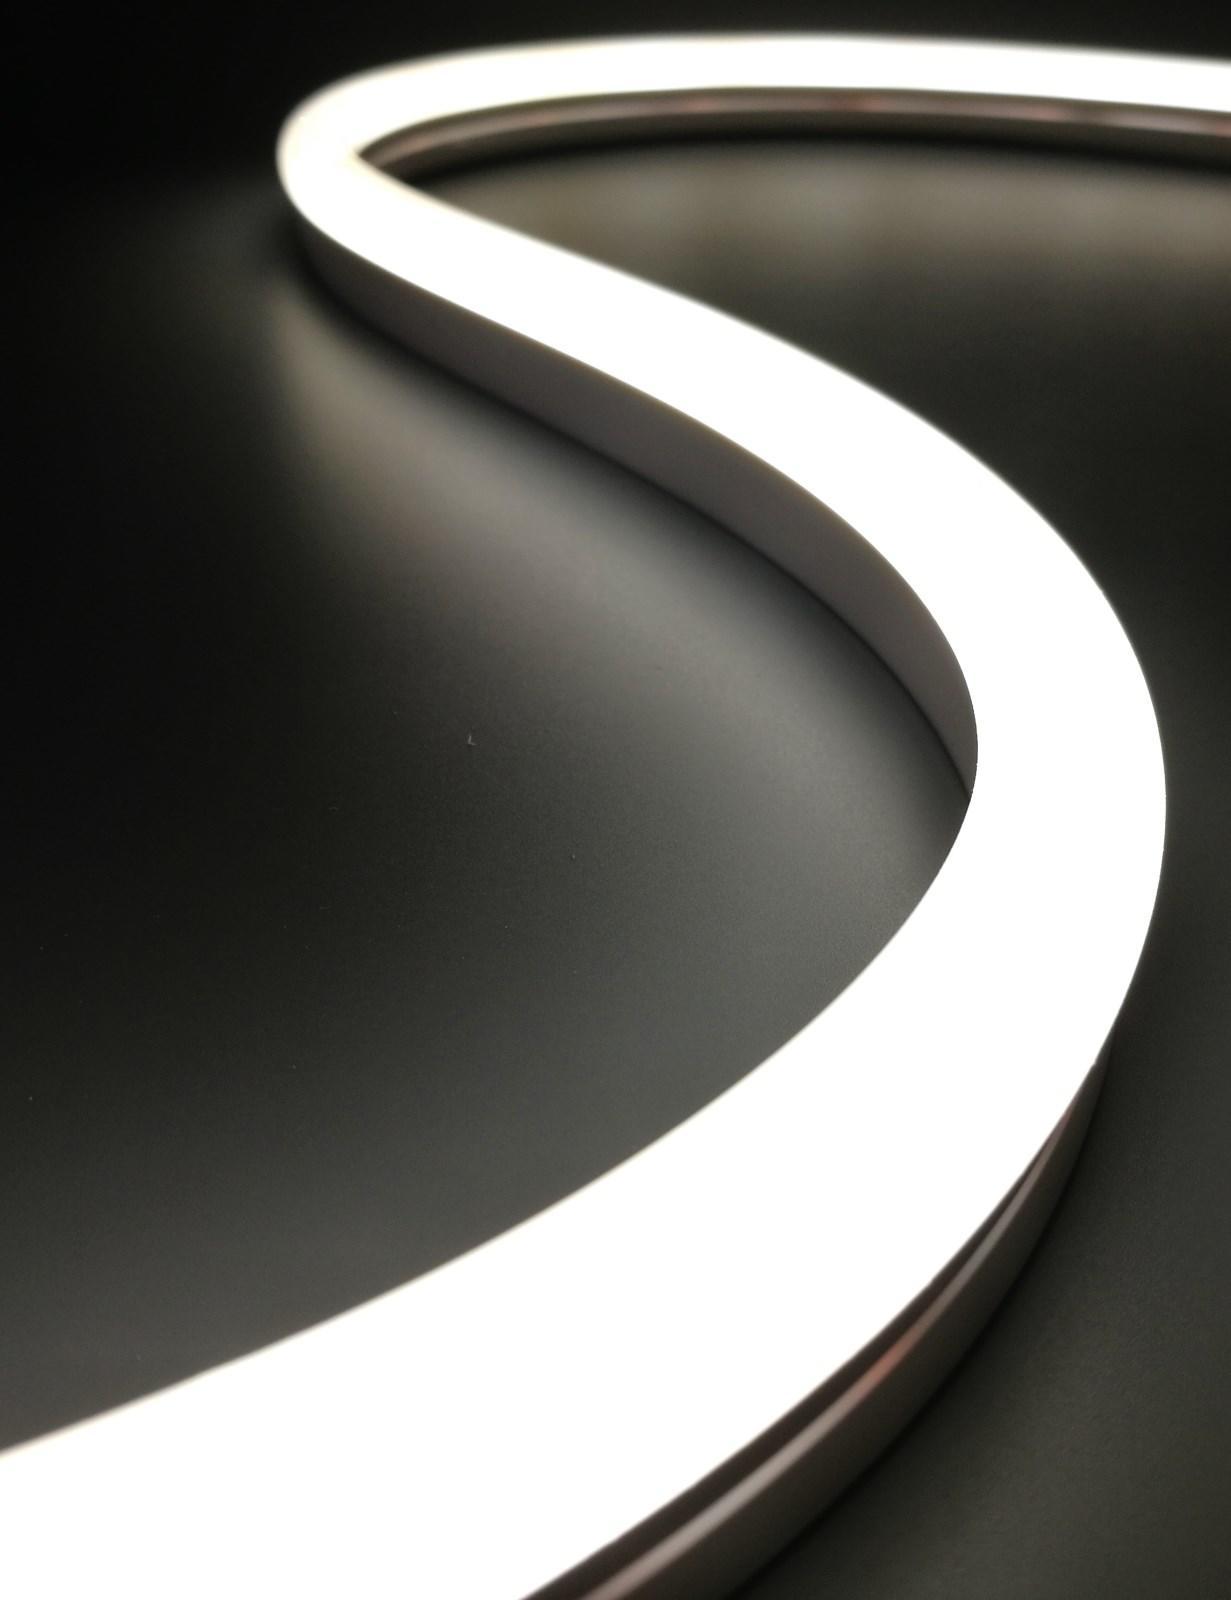 DeRun light neon strip light buy now for foyer-1